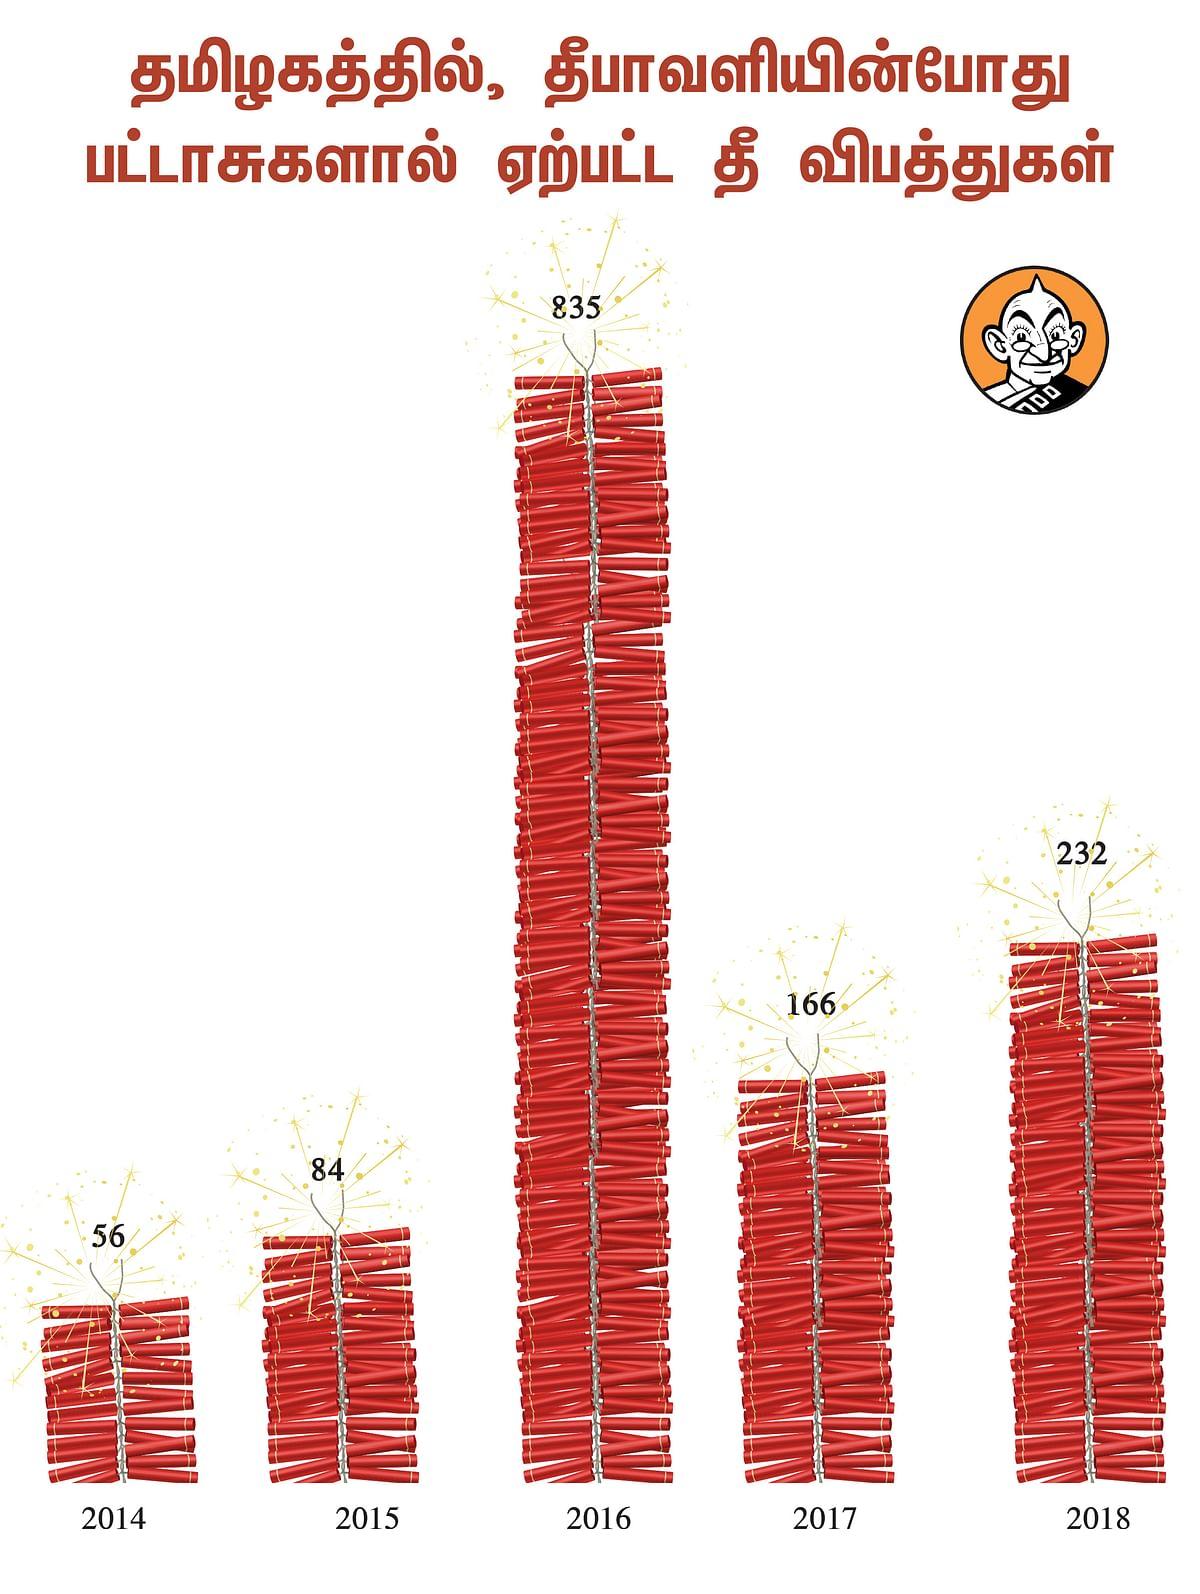 79 ஆண்டுகள்... 7 லட்சம் தொழிலாளர்கள்... 1,000 ஆலைகள் -  பட்டாசு... ஒரு A to Z  வரலாறு!